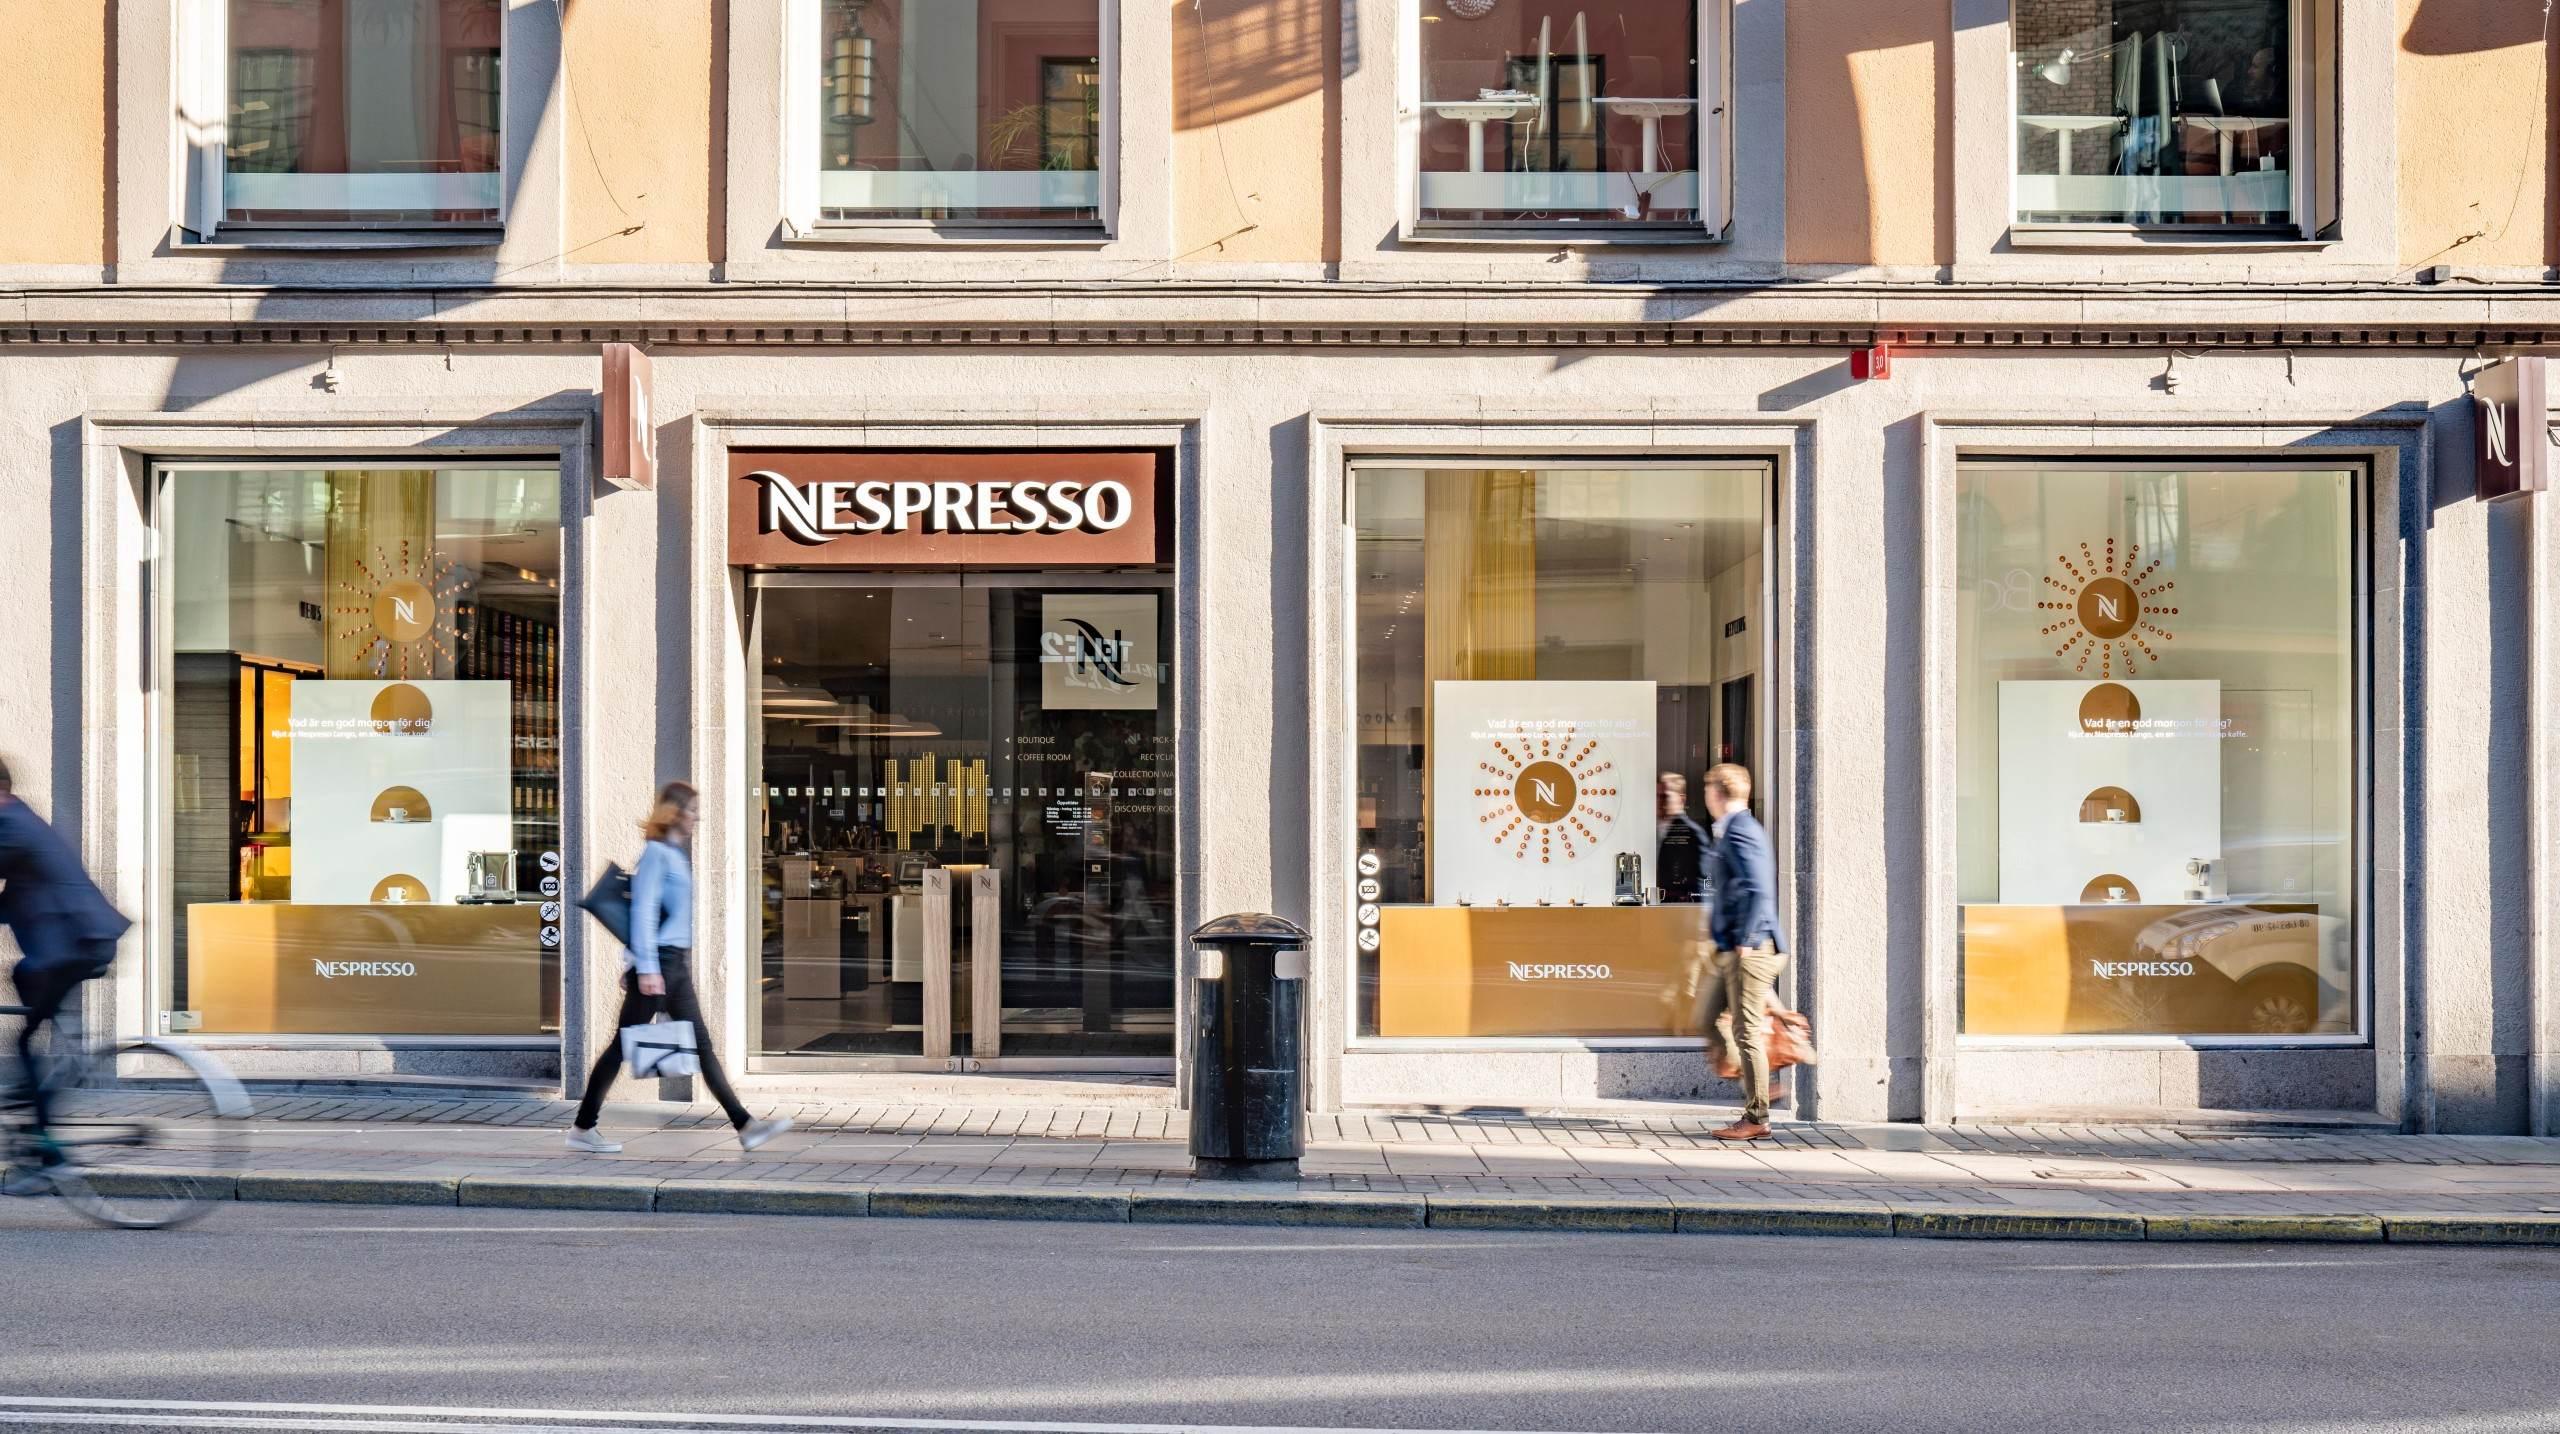 WorkShop har tagit fram detta designkoncept för skyltfönster i Nespresso Store på Kungsgatan i Stockholm. Fotograferat av arkitekturfotograf Mattias Hamrén.